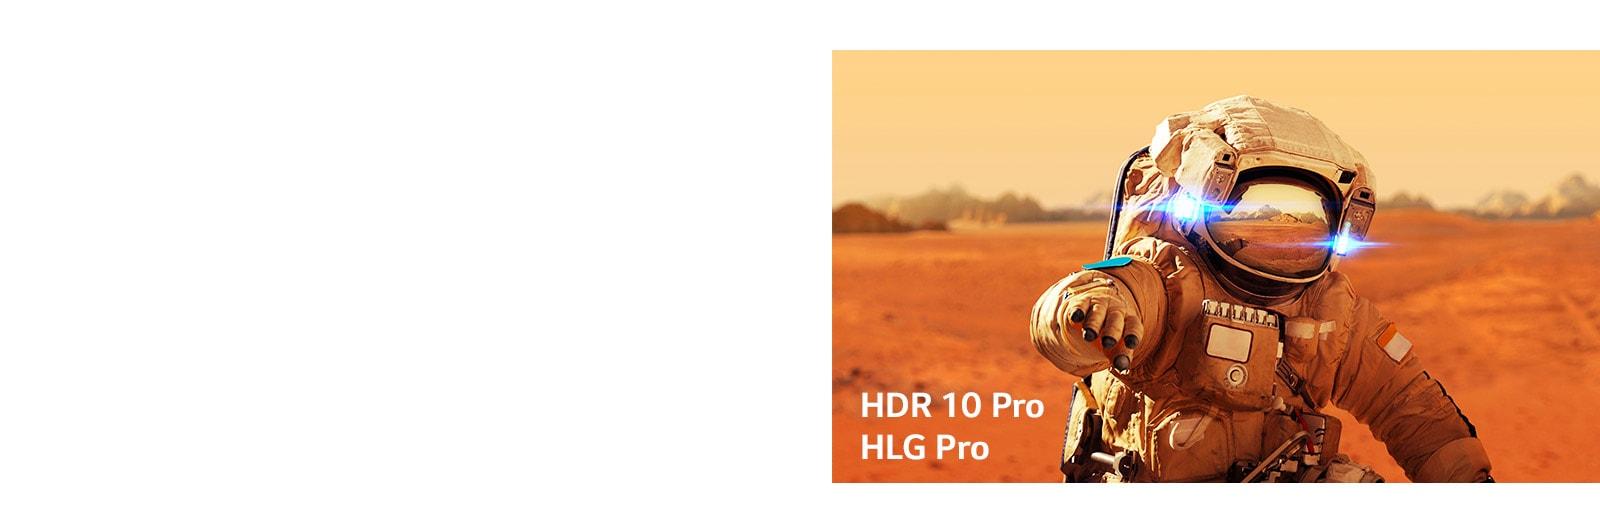 Iron Man de Marvel, tarjetas de título con los logos HLG Pro y HDR 10 Pro